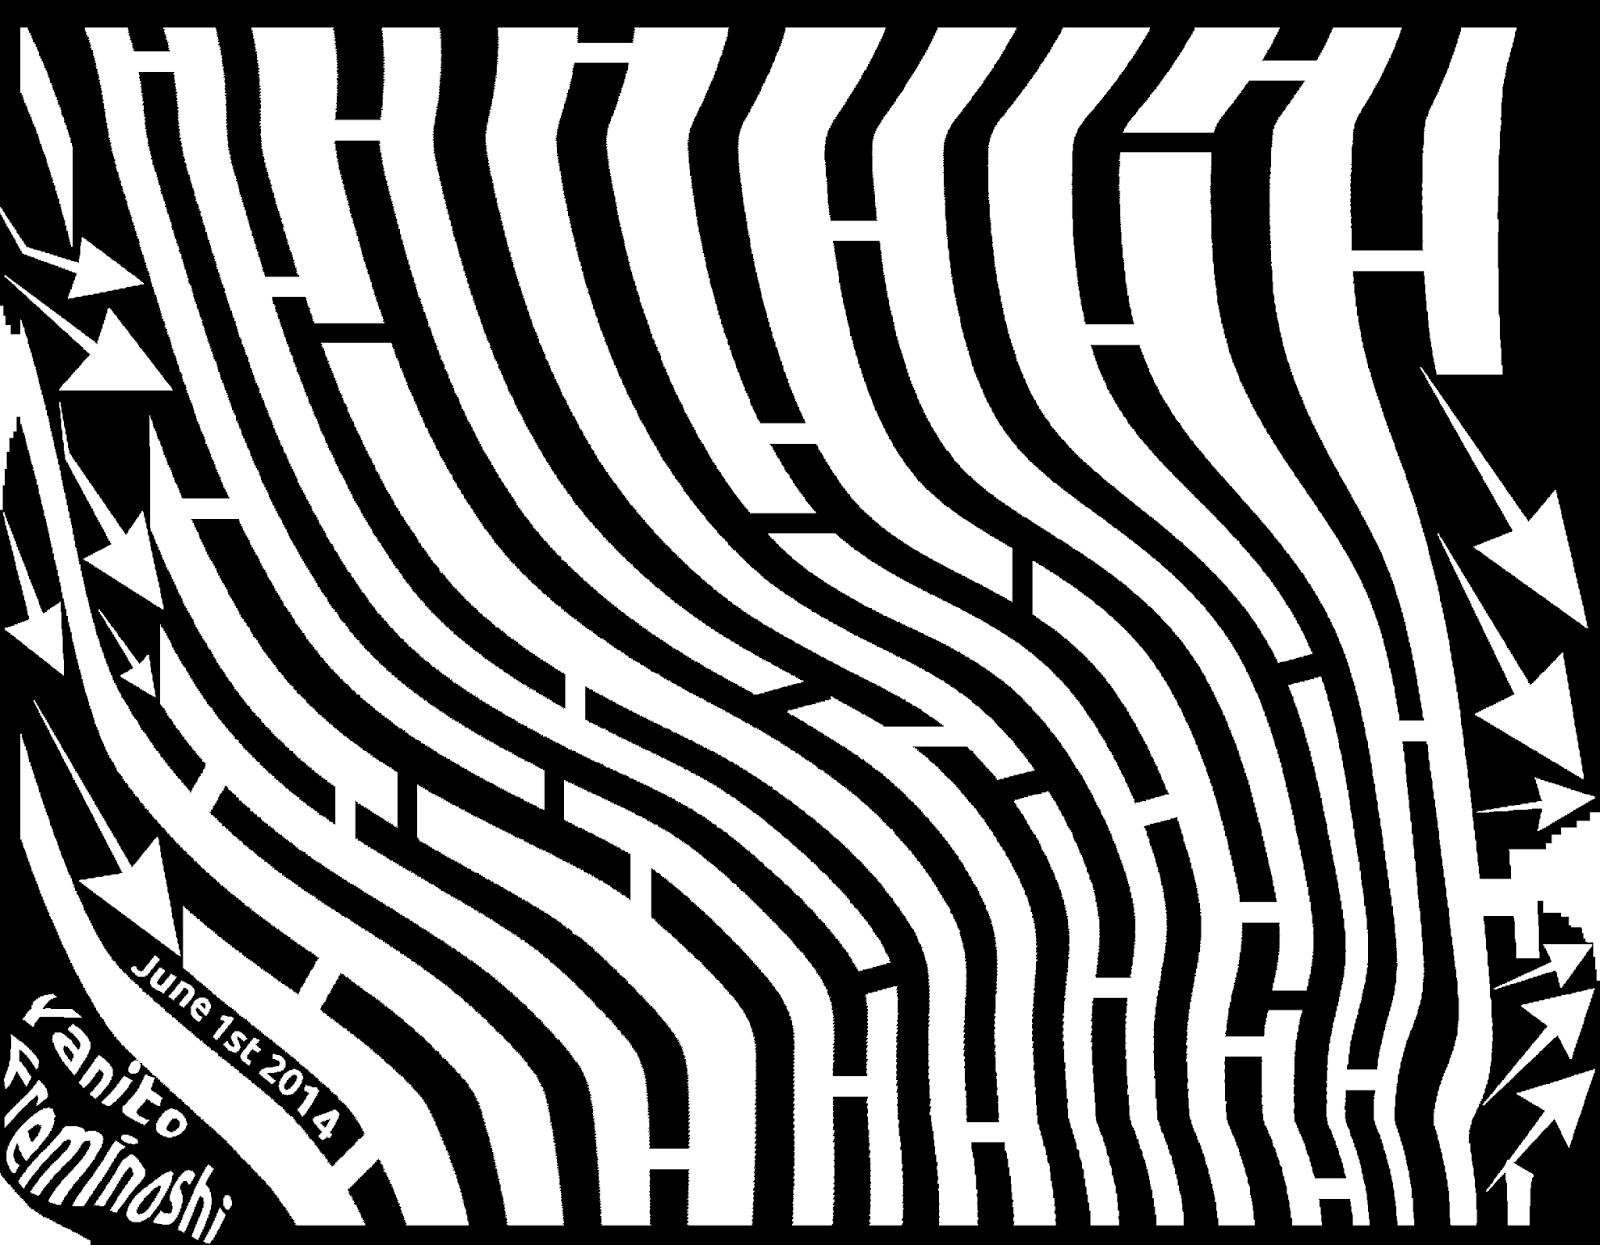 Maze art of turbulence